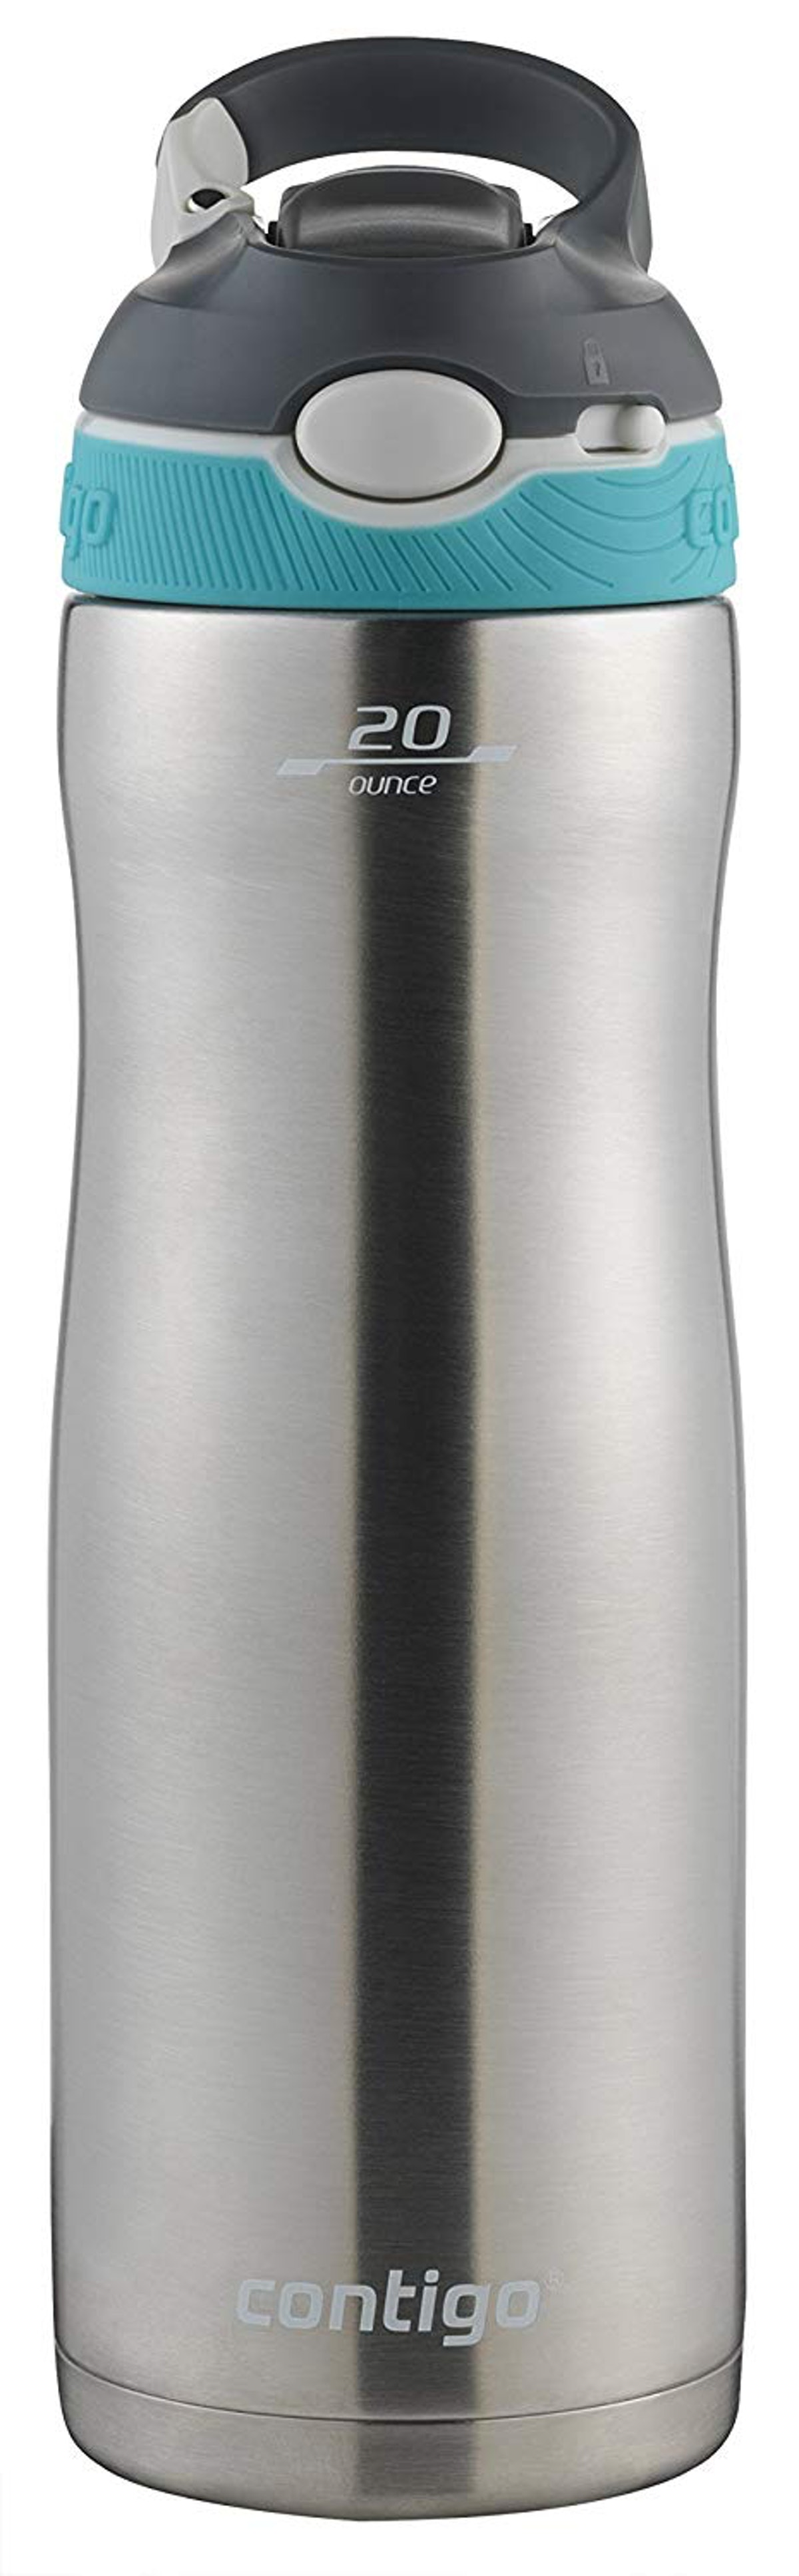 Contigo Auto-Seal Water Bottle